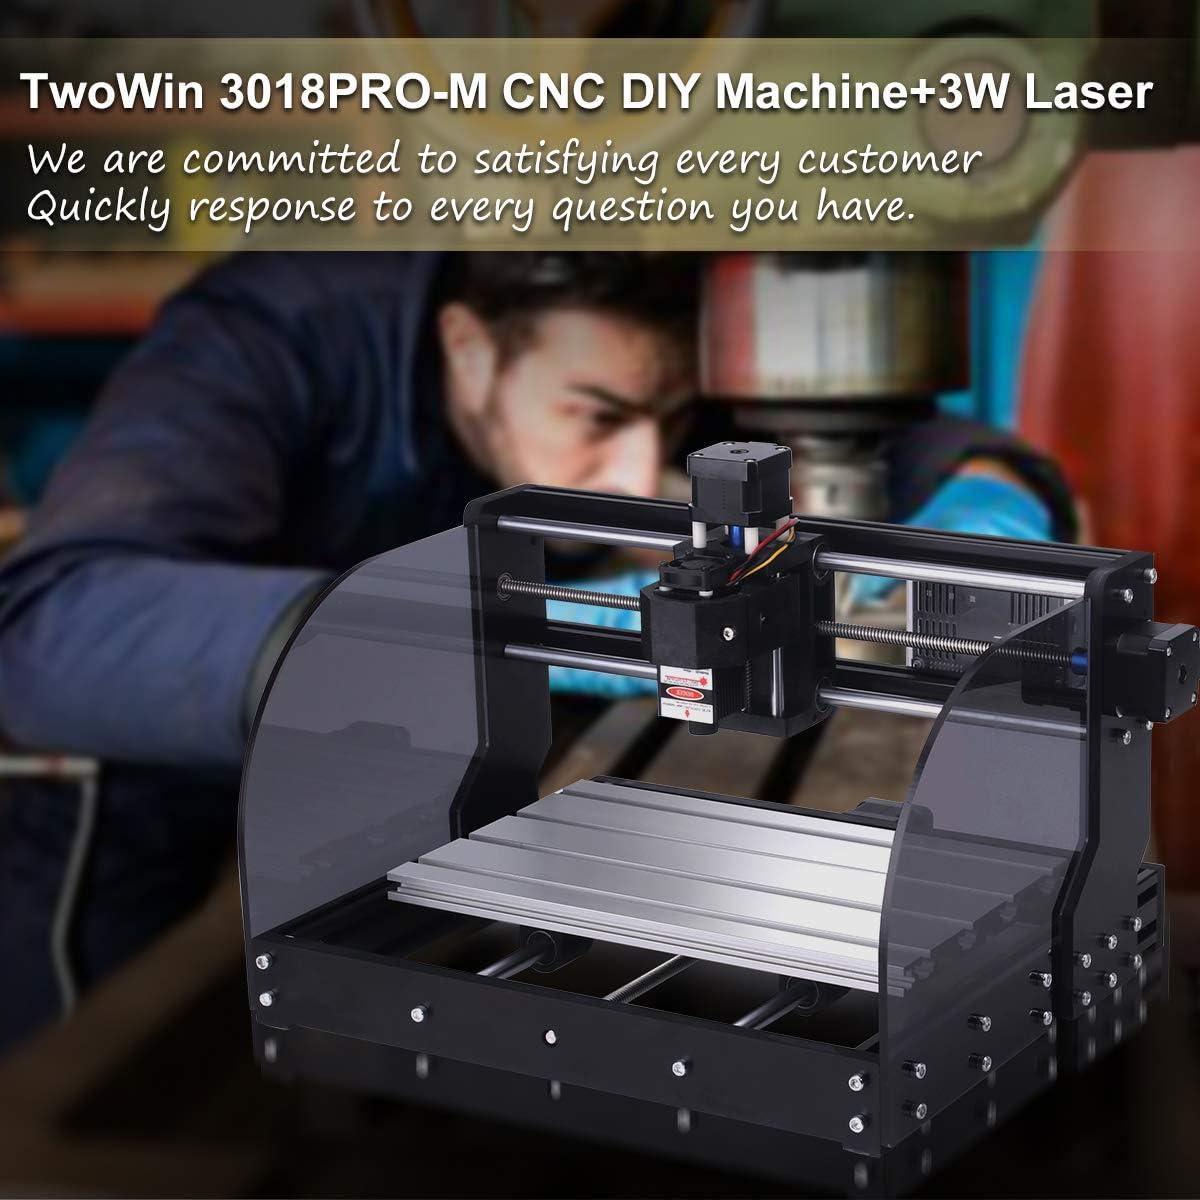 Cuero PCB TwoWin 3 ejes DIY Maquina De Grabado Mini con GRBL Control Board para Madera El Controlador Fuera De L/ínea ER11 【 2 en 1】3018 Pro-M CNC Fresadora con M/ódulo De 3 w